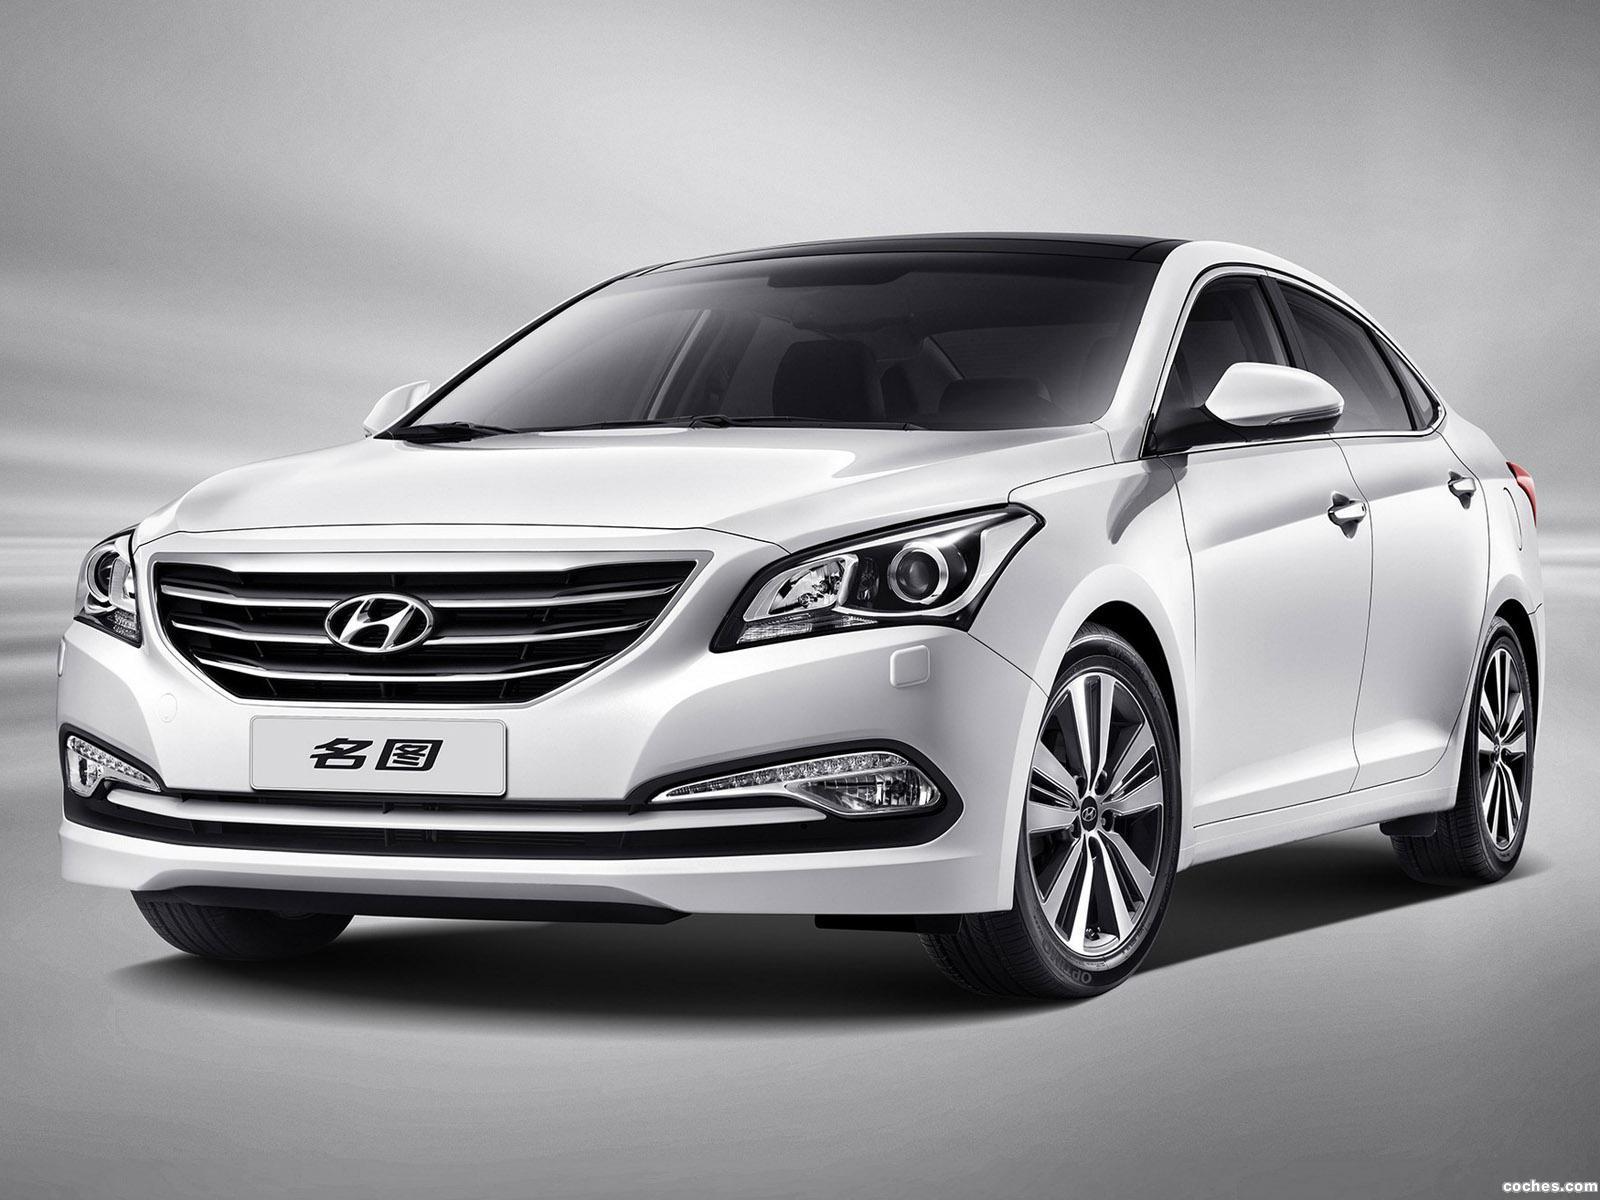 Foto 0 de Hyundai Mistra 2013